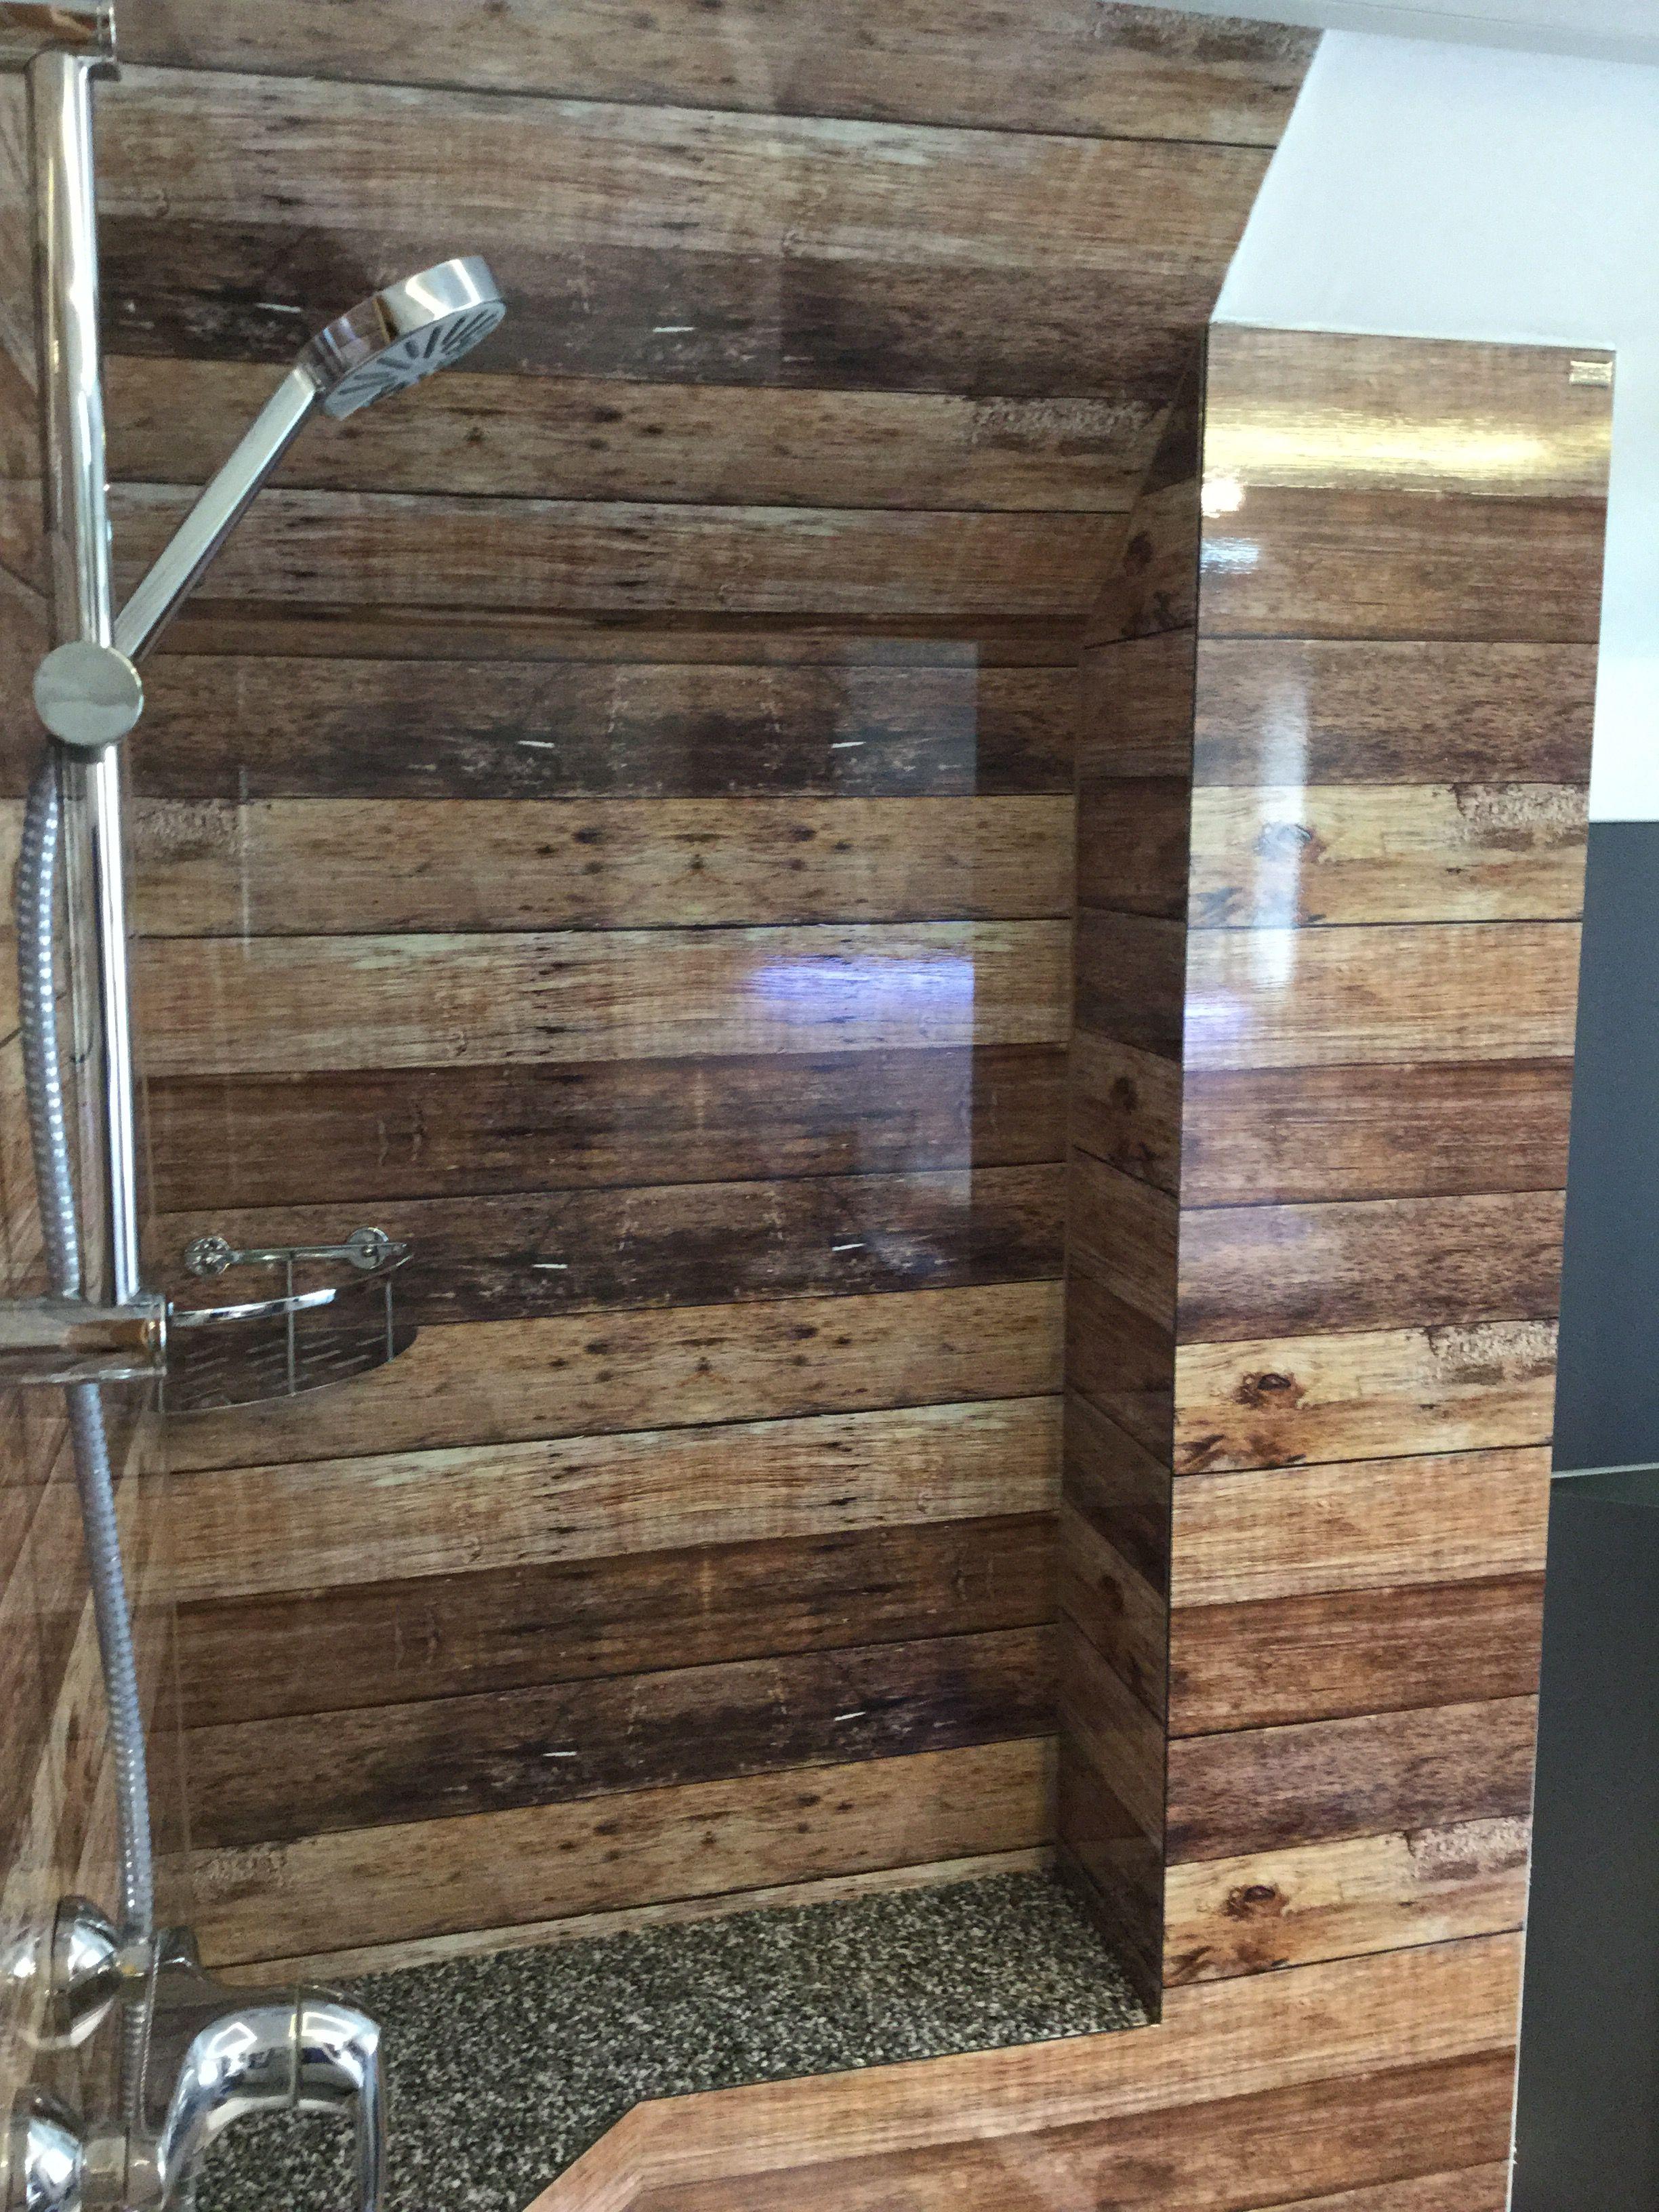 neues ambiente einer dusche mit r ckw nden von sch n und wieder teil 2 kuechenrueckwand. Black Bedroom Furniture Sets. Home Design Ideas